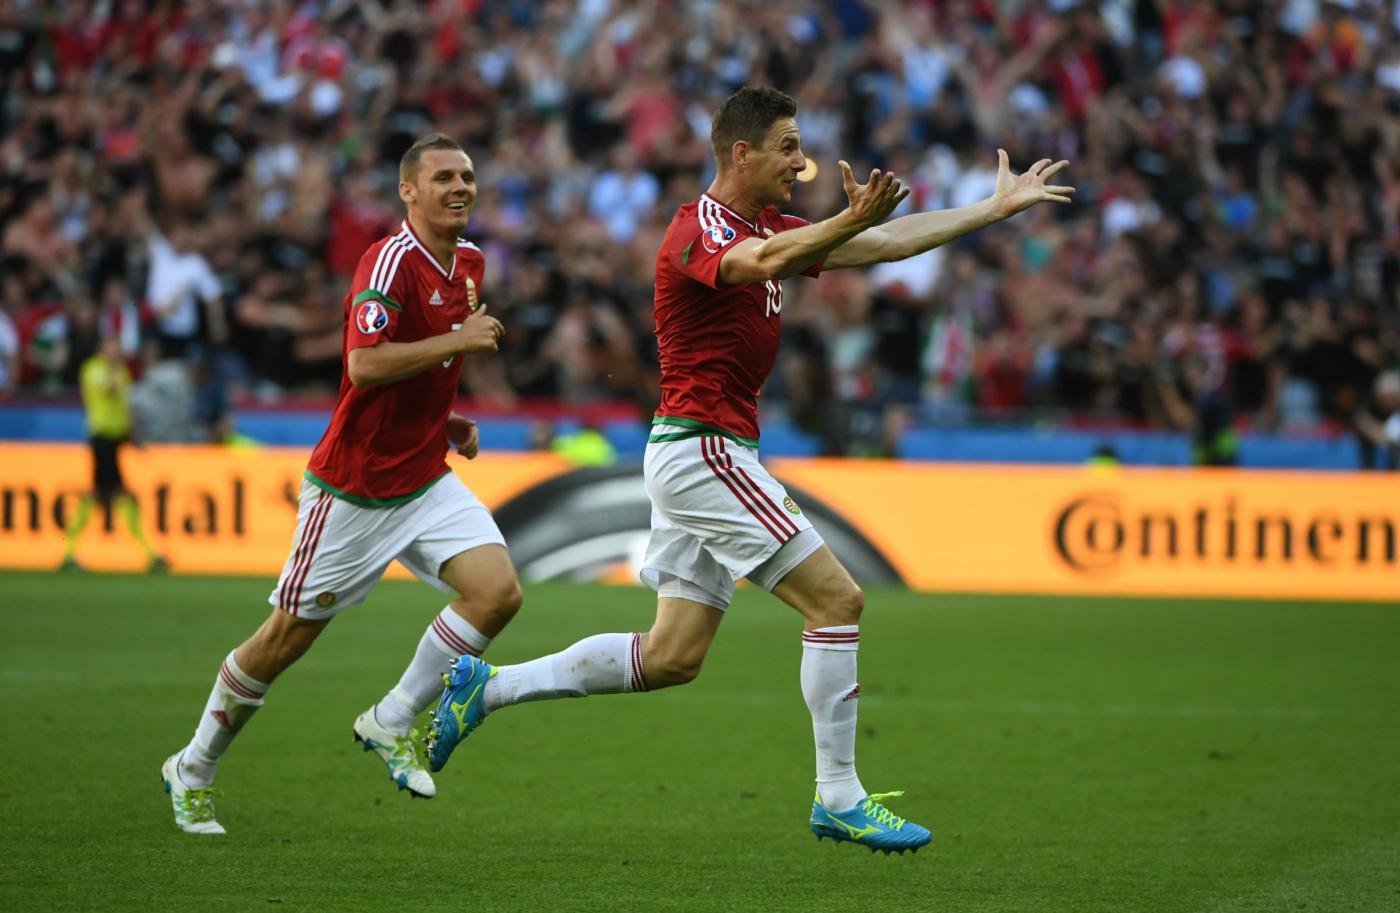 Ungheria-Galles martedì 11 giugno